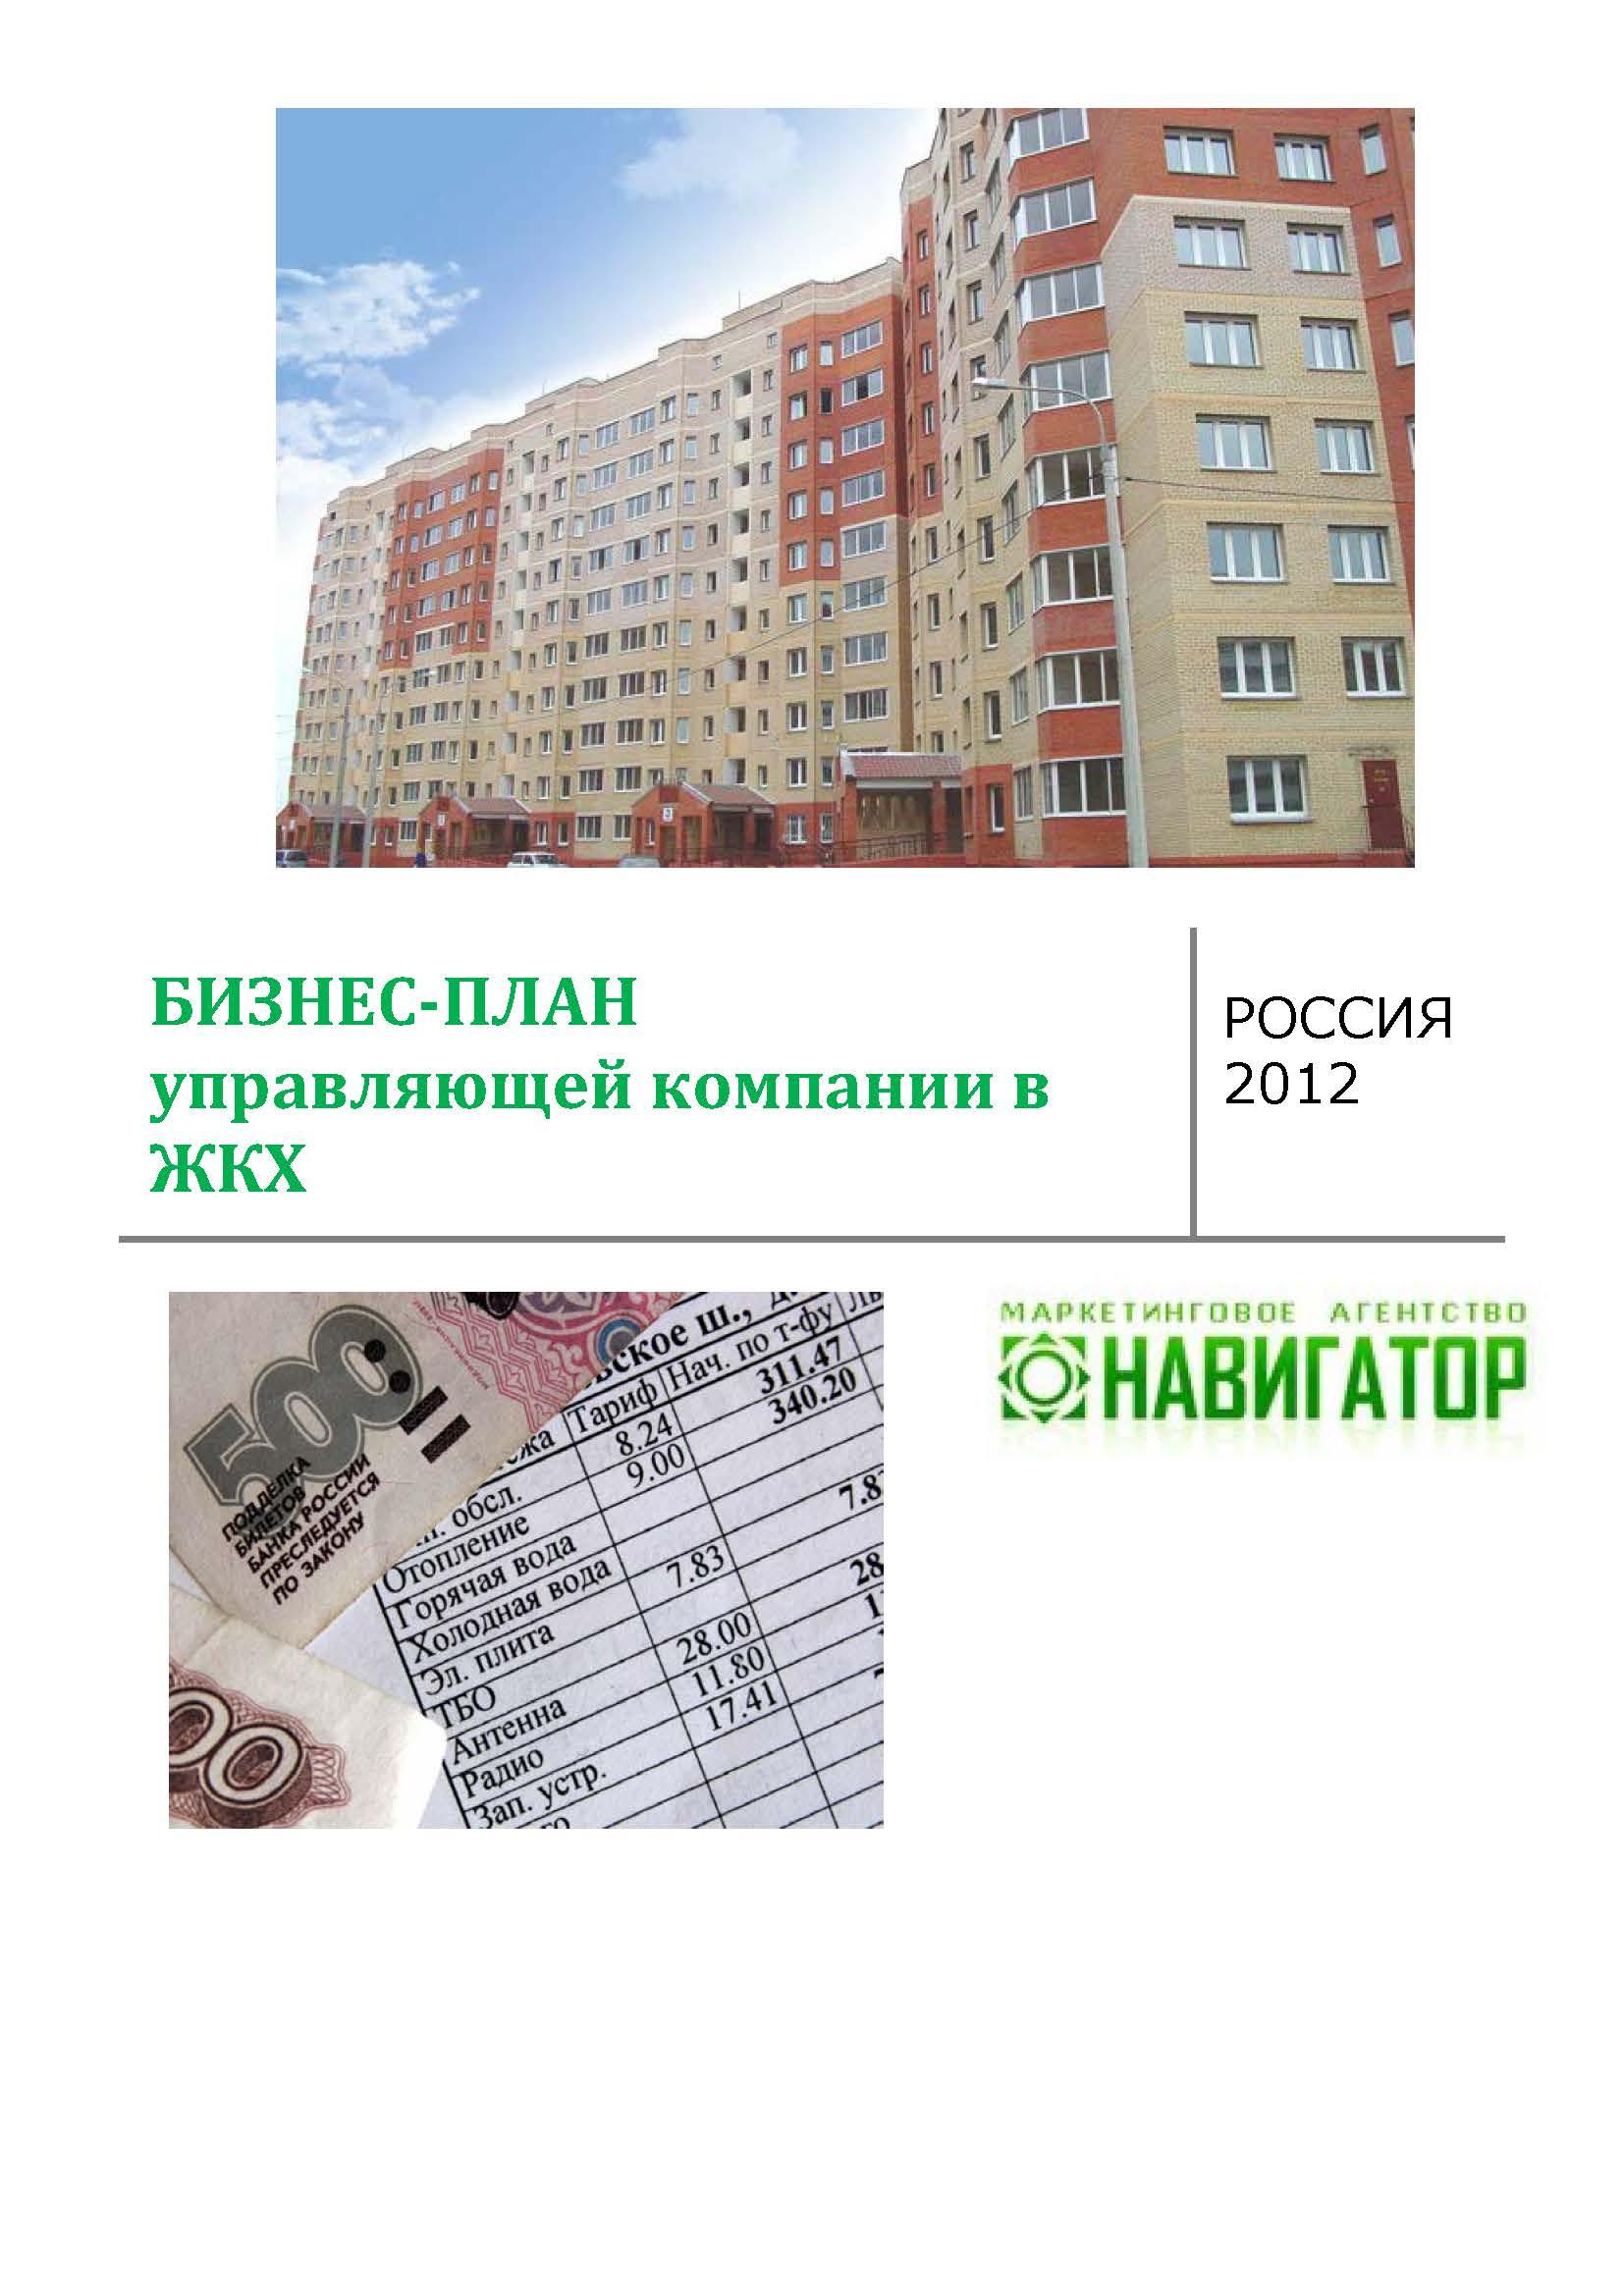 Жкх бизнес план бизнес идеи 2011 нуля